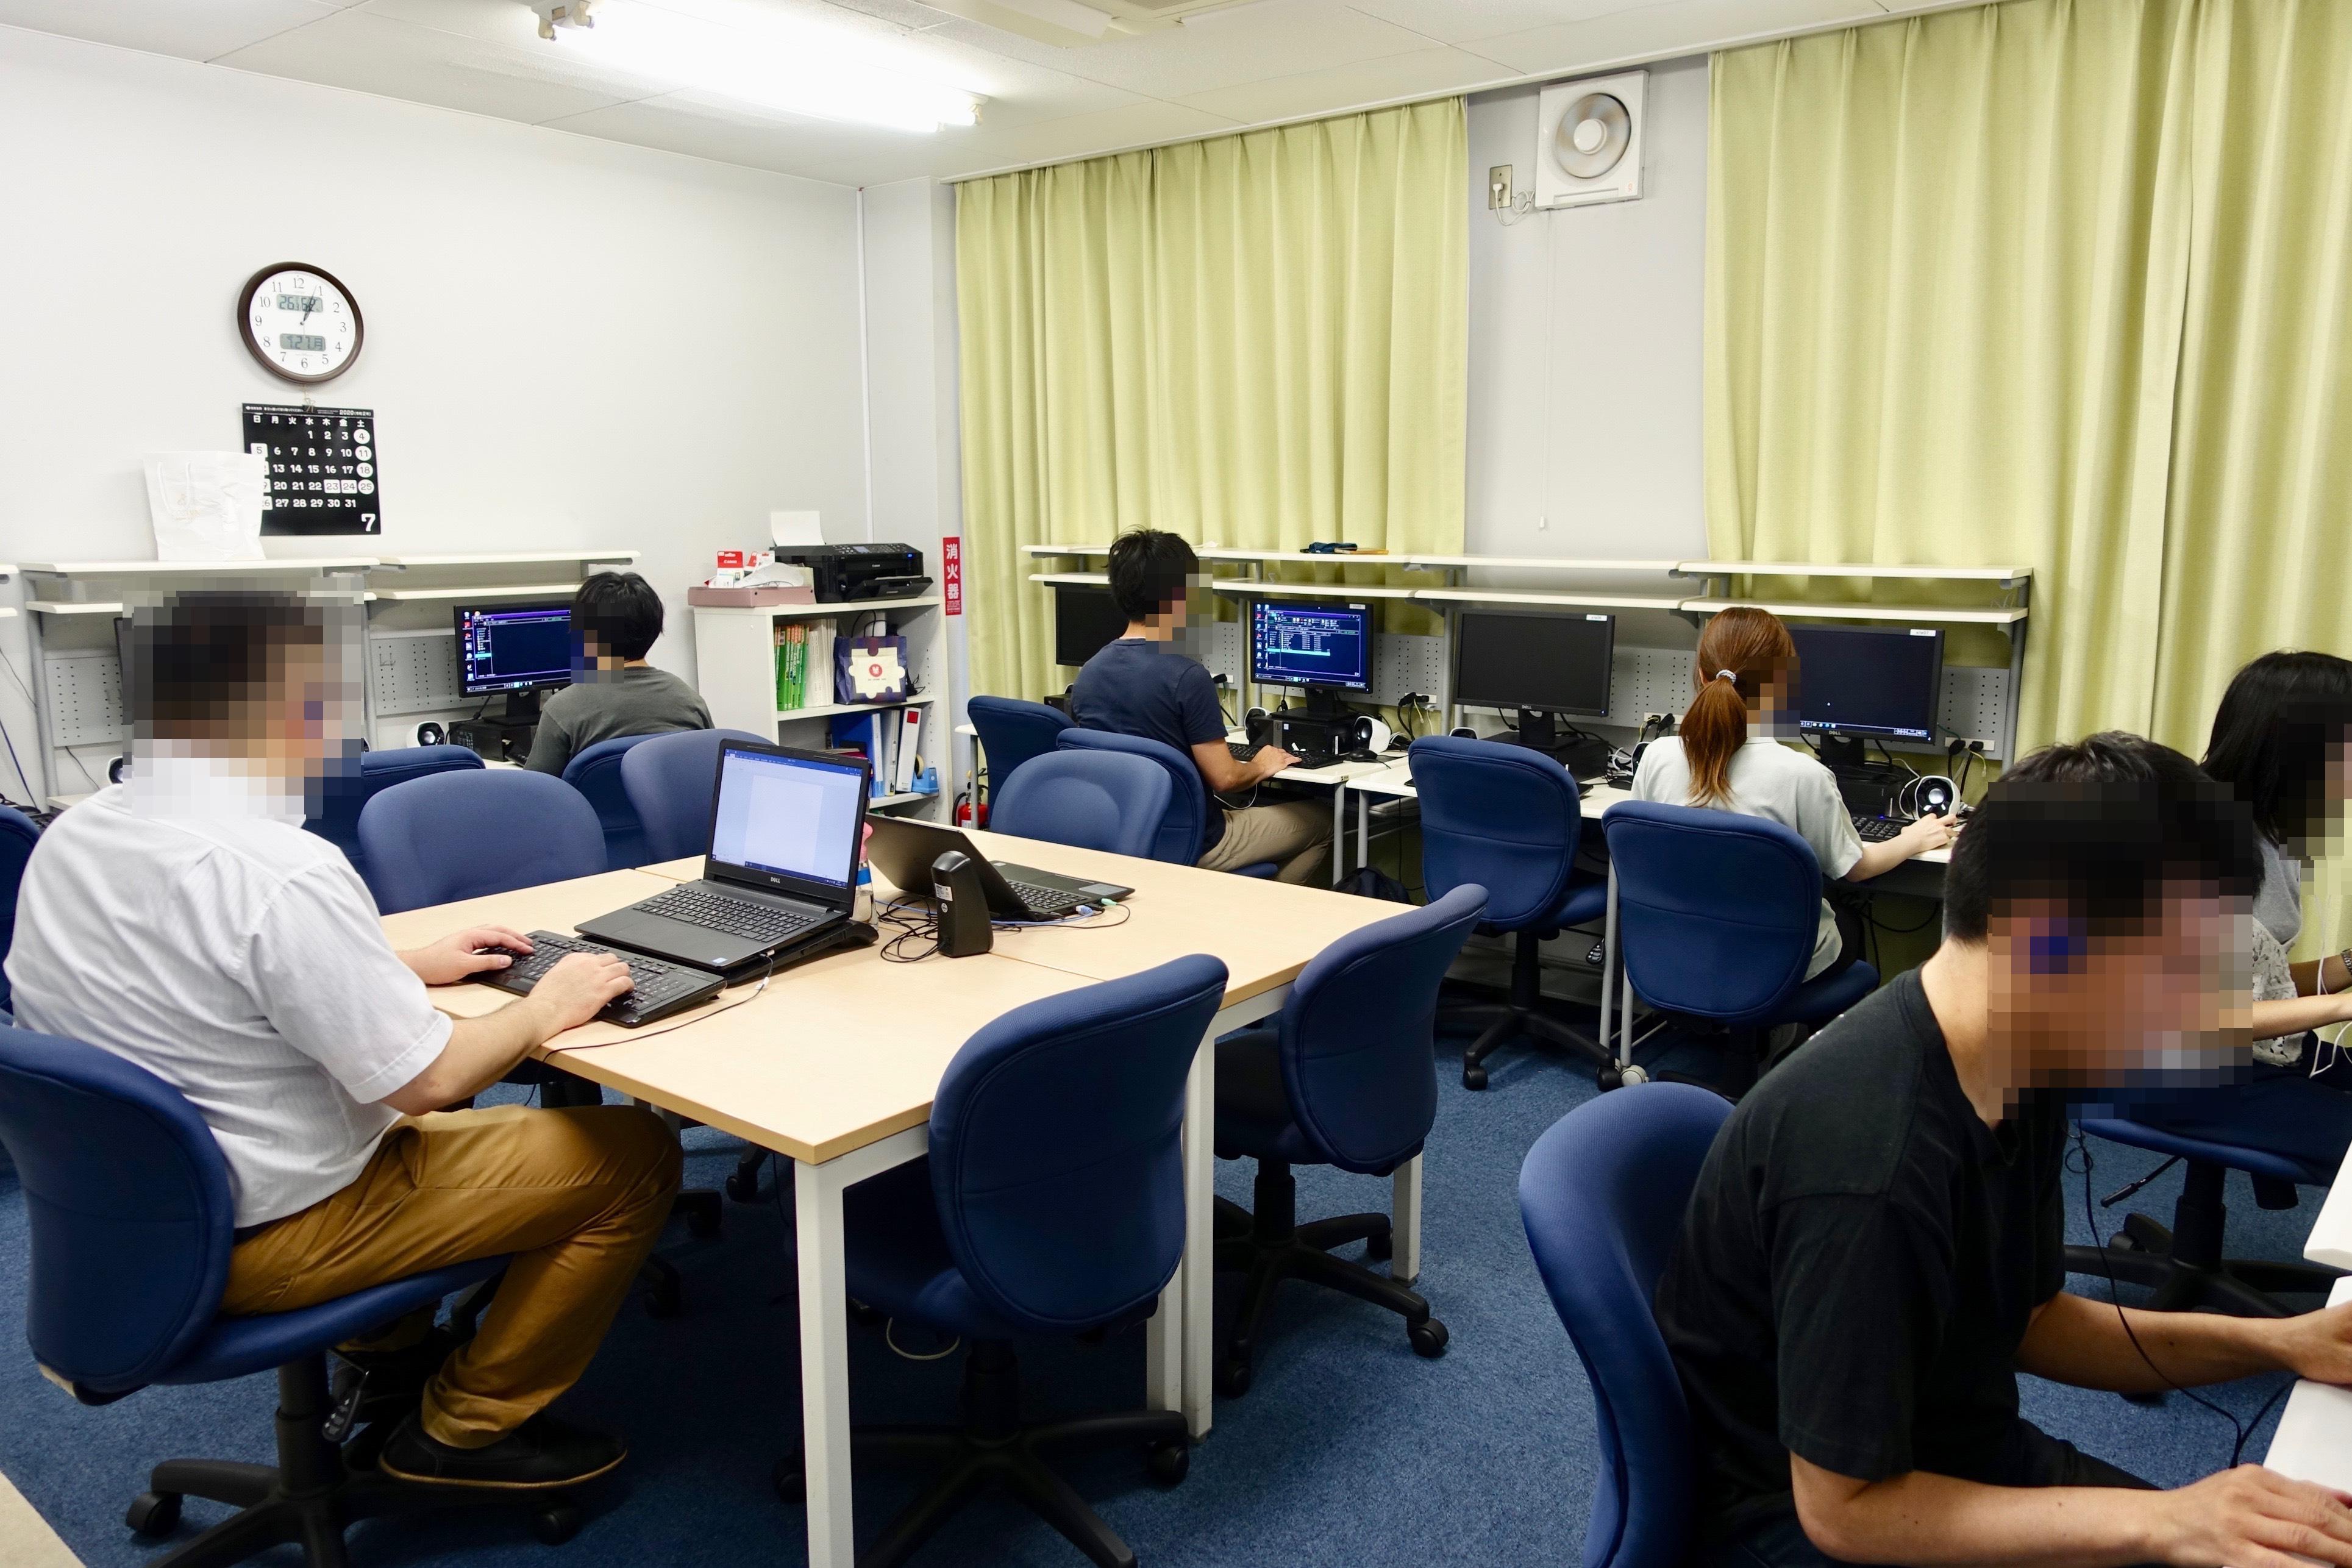 職能開発センター。音声ソフトを用いた、実務に必要とされる高度なPCスキルを習得するための職業訓練を受けている(2020年夏撮影、センター提供、加工は編集部)